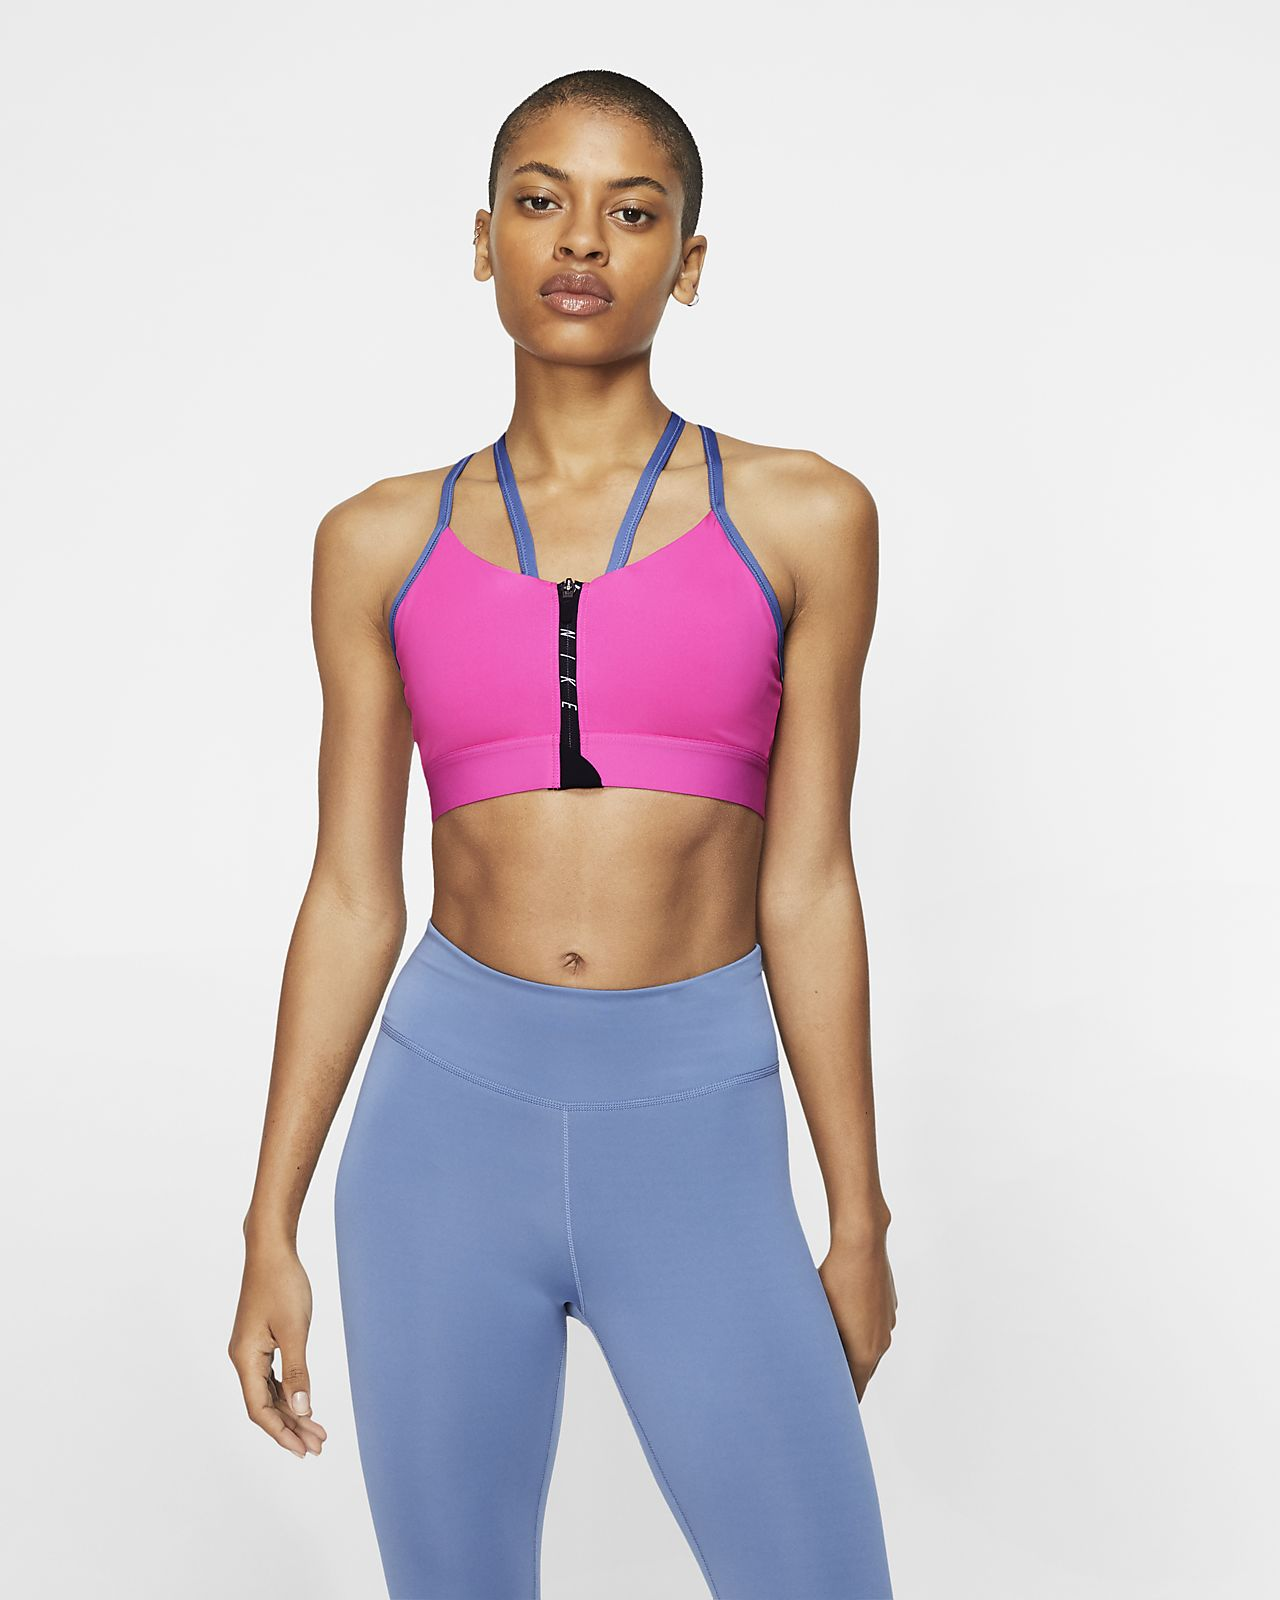 Dámská sportovní podprsenka Nike Indy na zip s lehkou oporou